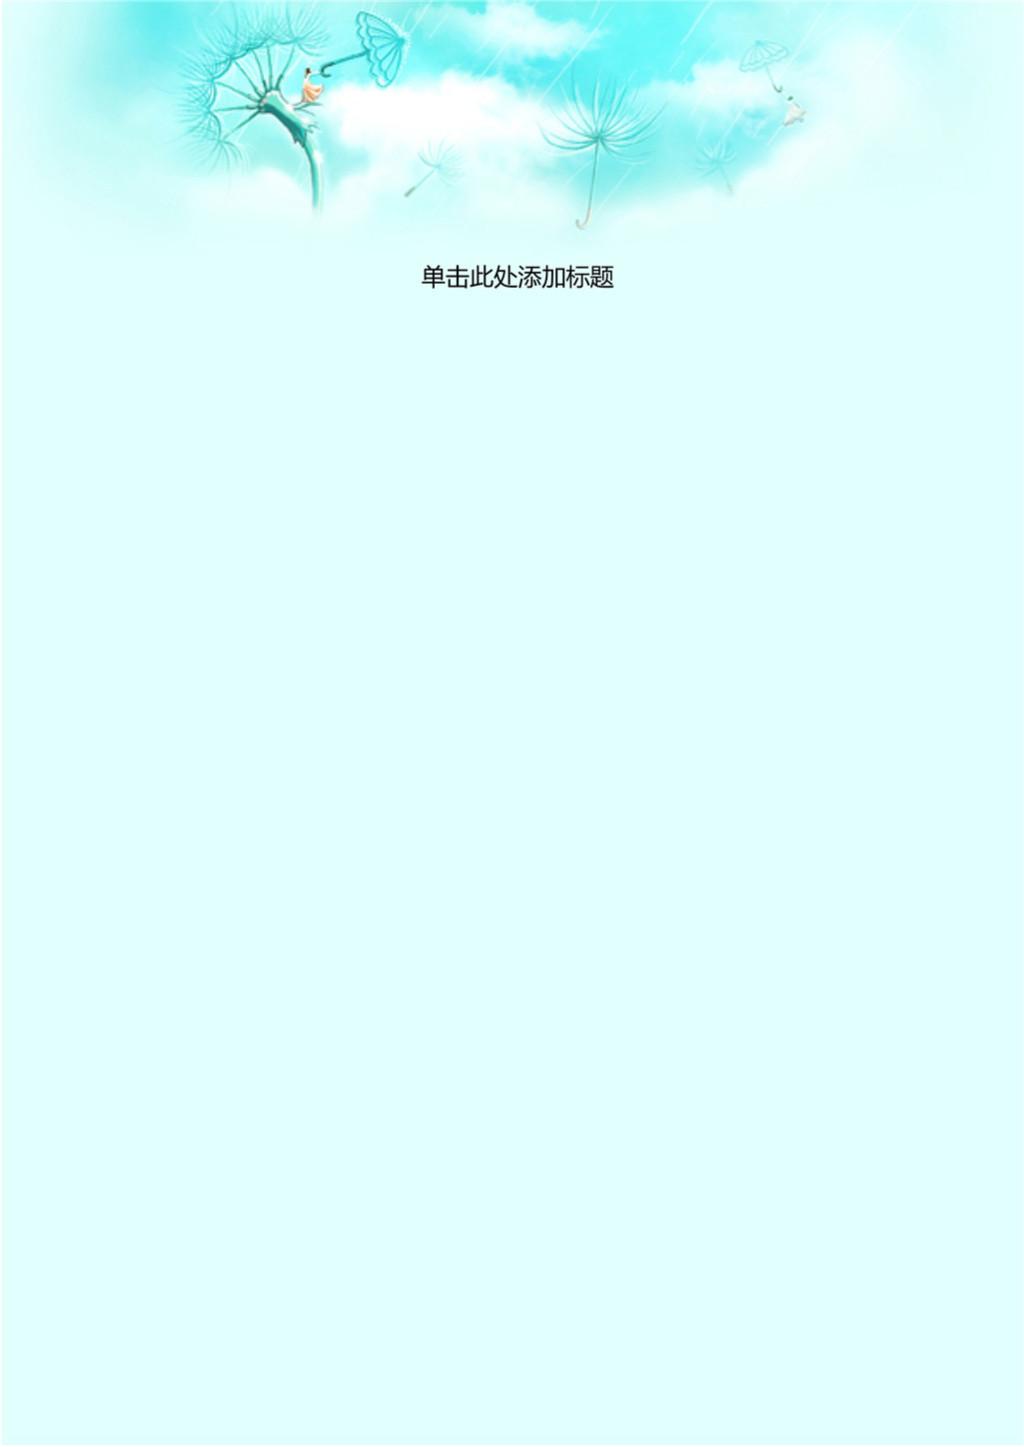 范文大全 个人简历模板 淡蓝色信纸背景素材word模板.